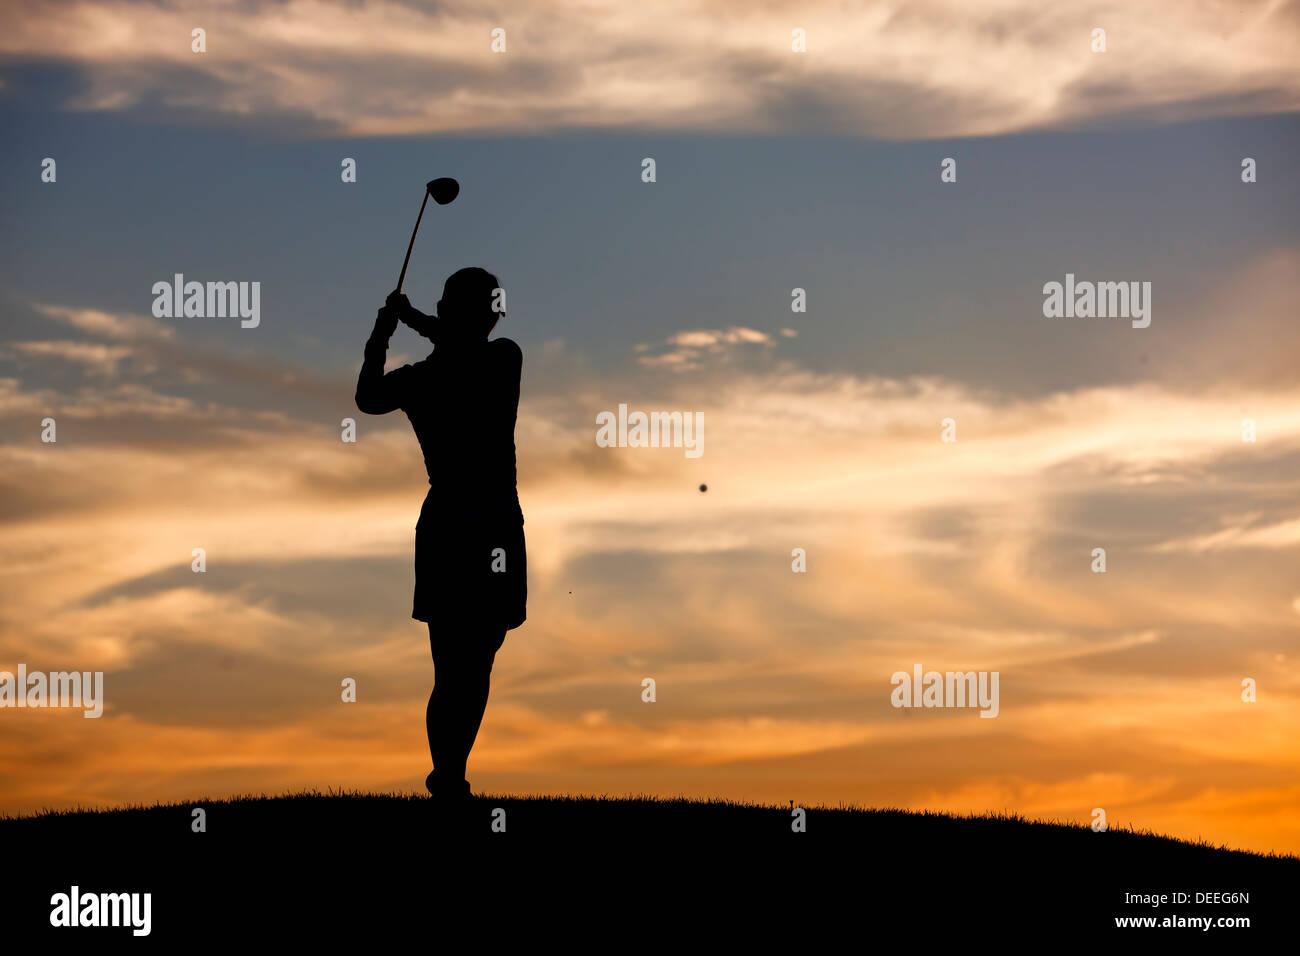 Balle de golf frappant au coucher du soleil. Photo Stock